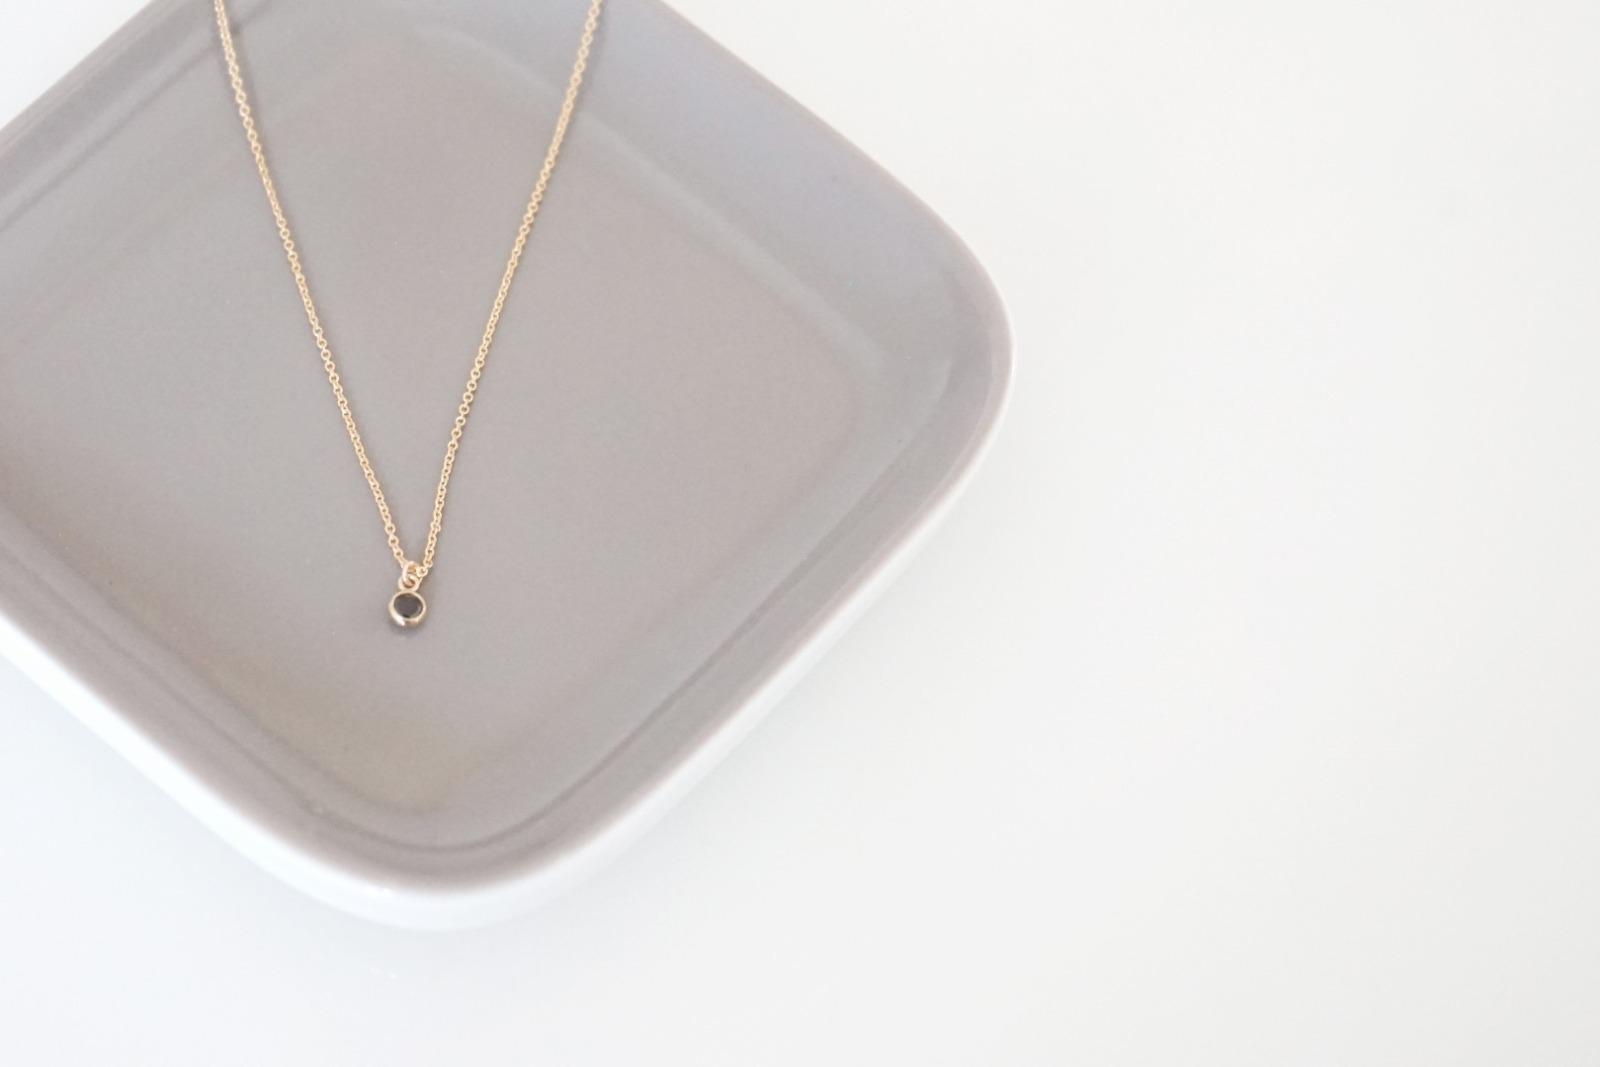 Feine Ankerkette vergoldet Kristall schwarz - 1